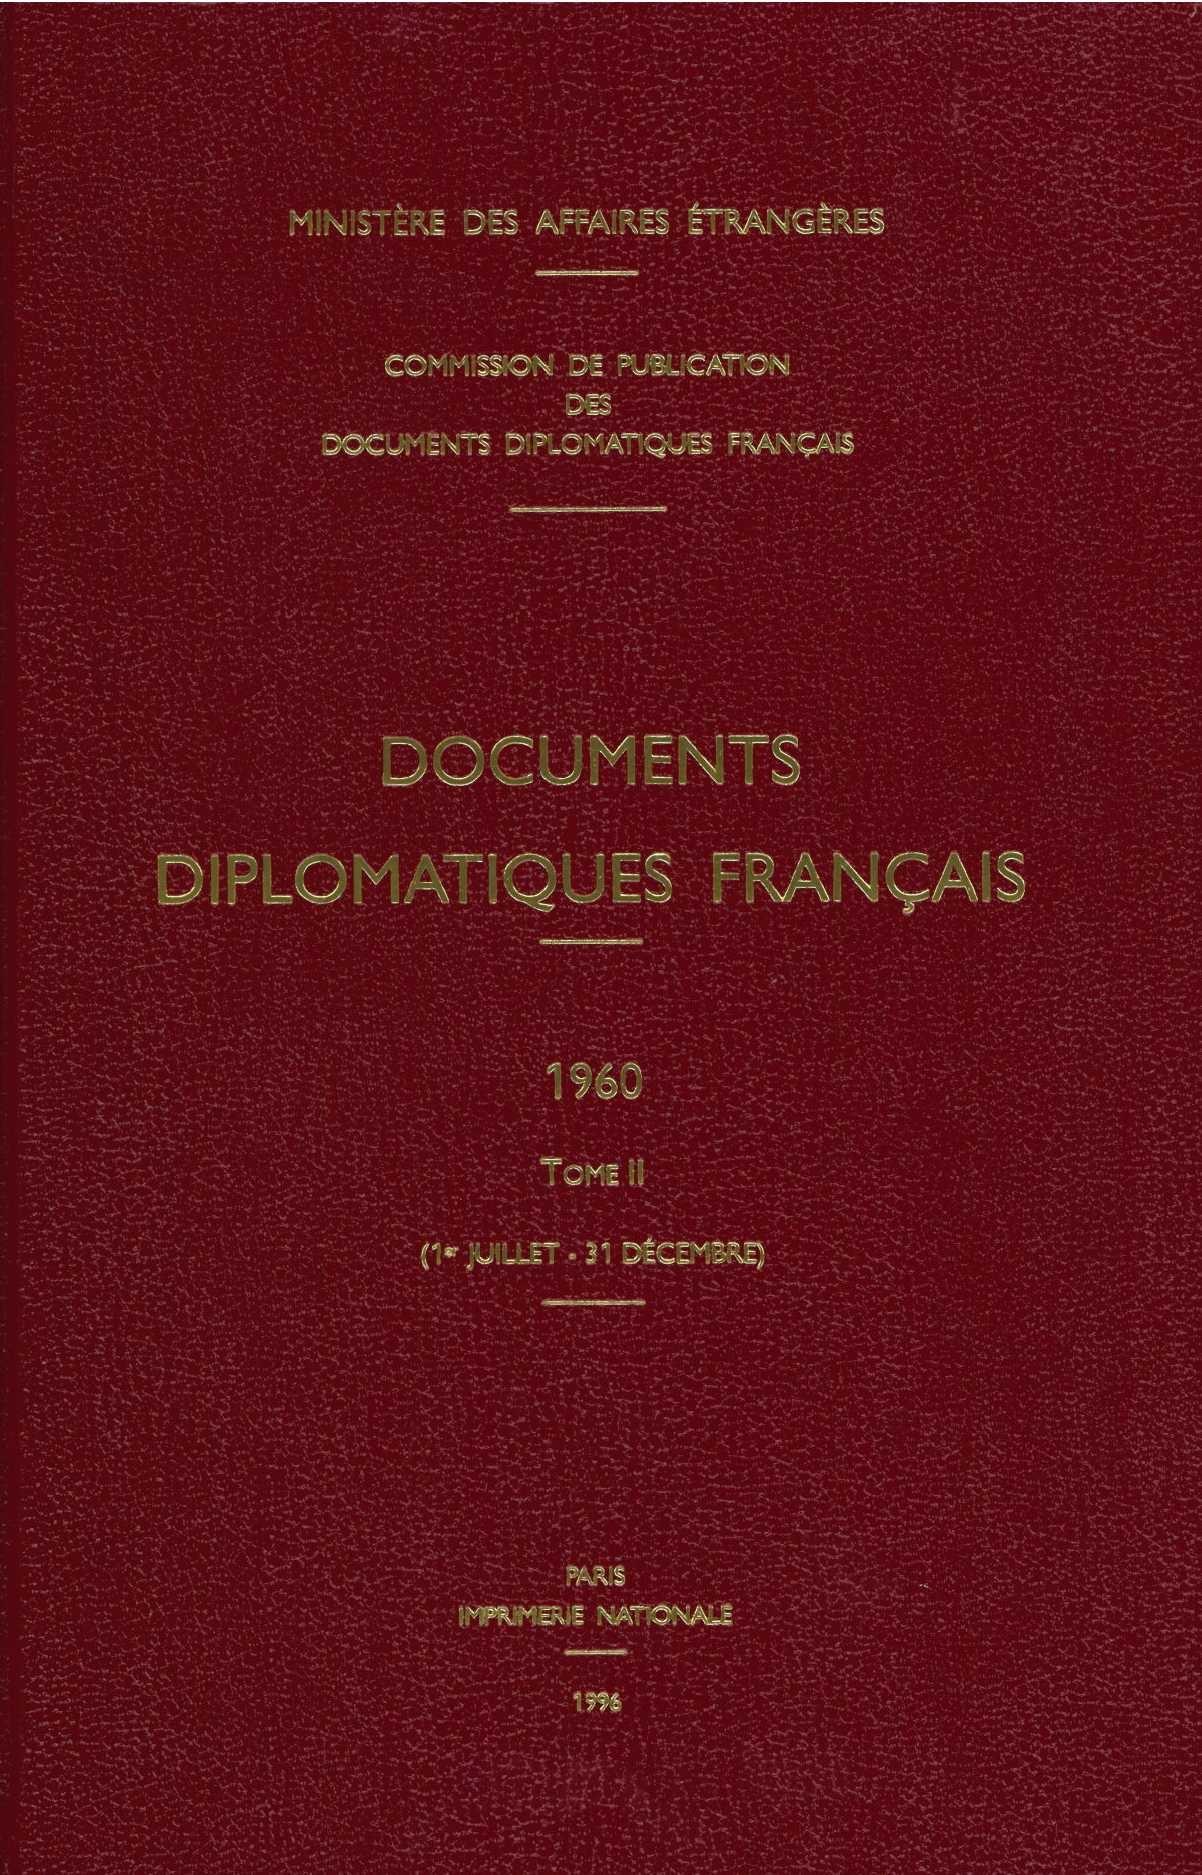 DOCUMENTS DIPLOMATIQUES FRANCAIS - 1960 - TOME II (1ER JUILLET - 31 DECEMBRE)